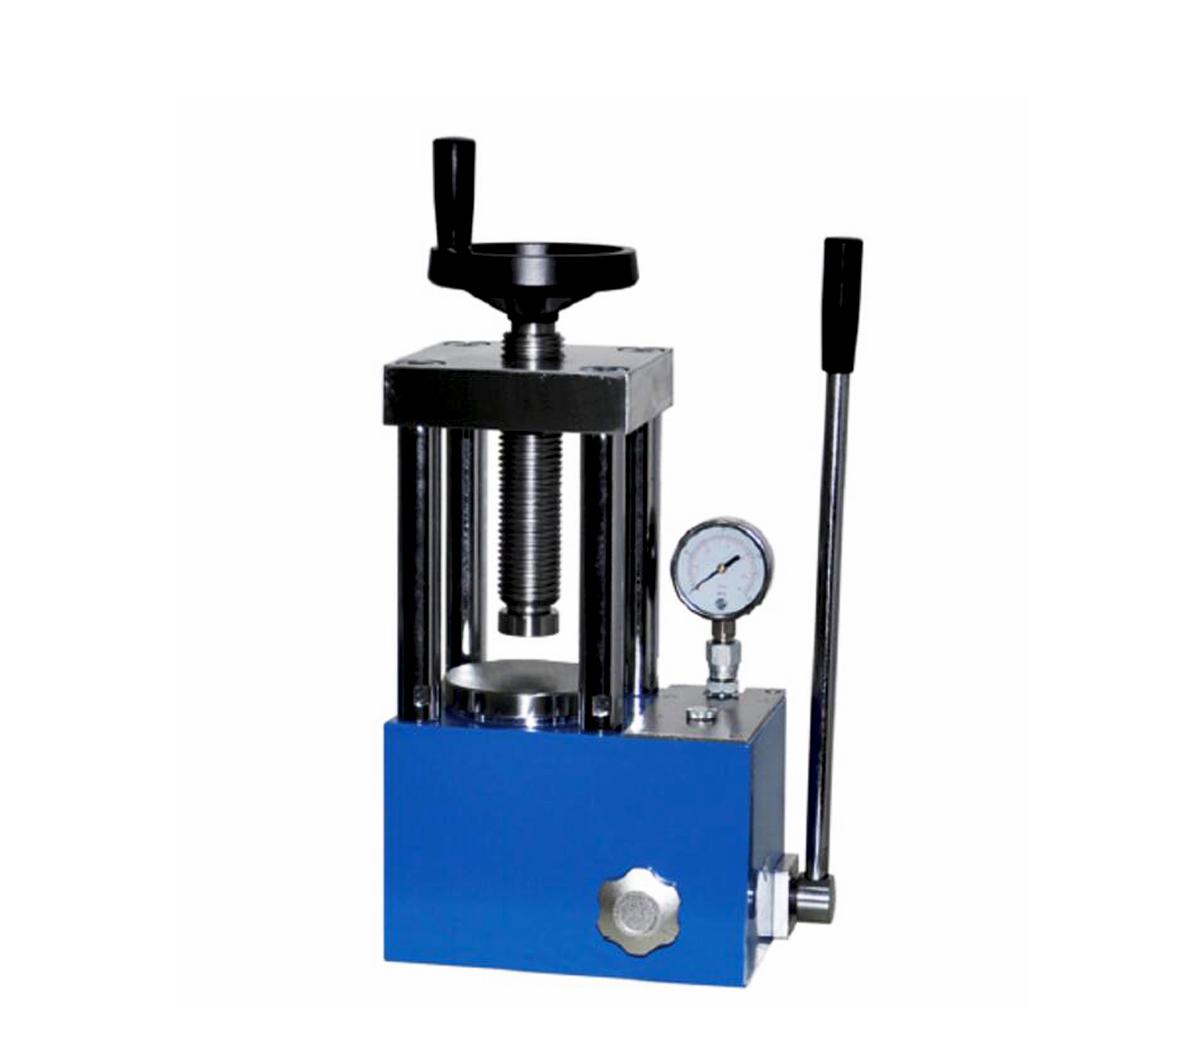 30T Tabletop Manual Powder Hydraulic Press CY-PC-30